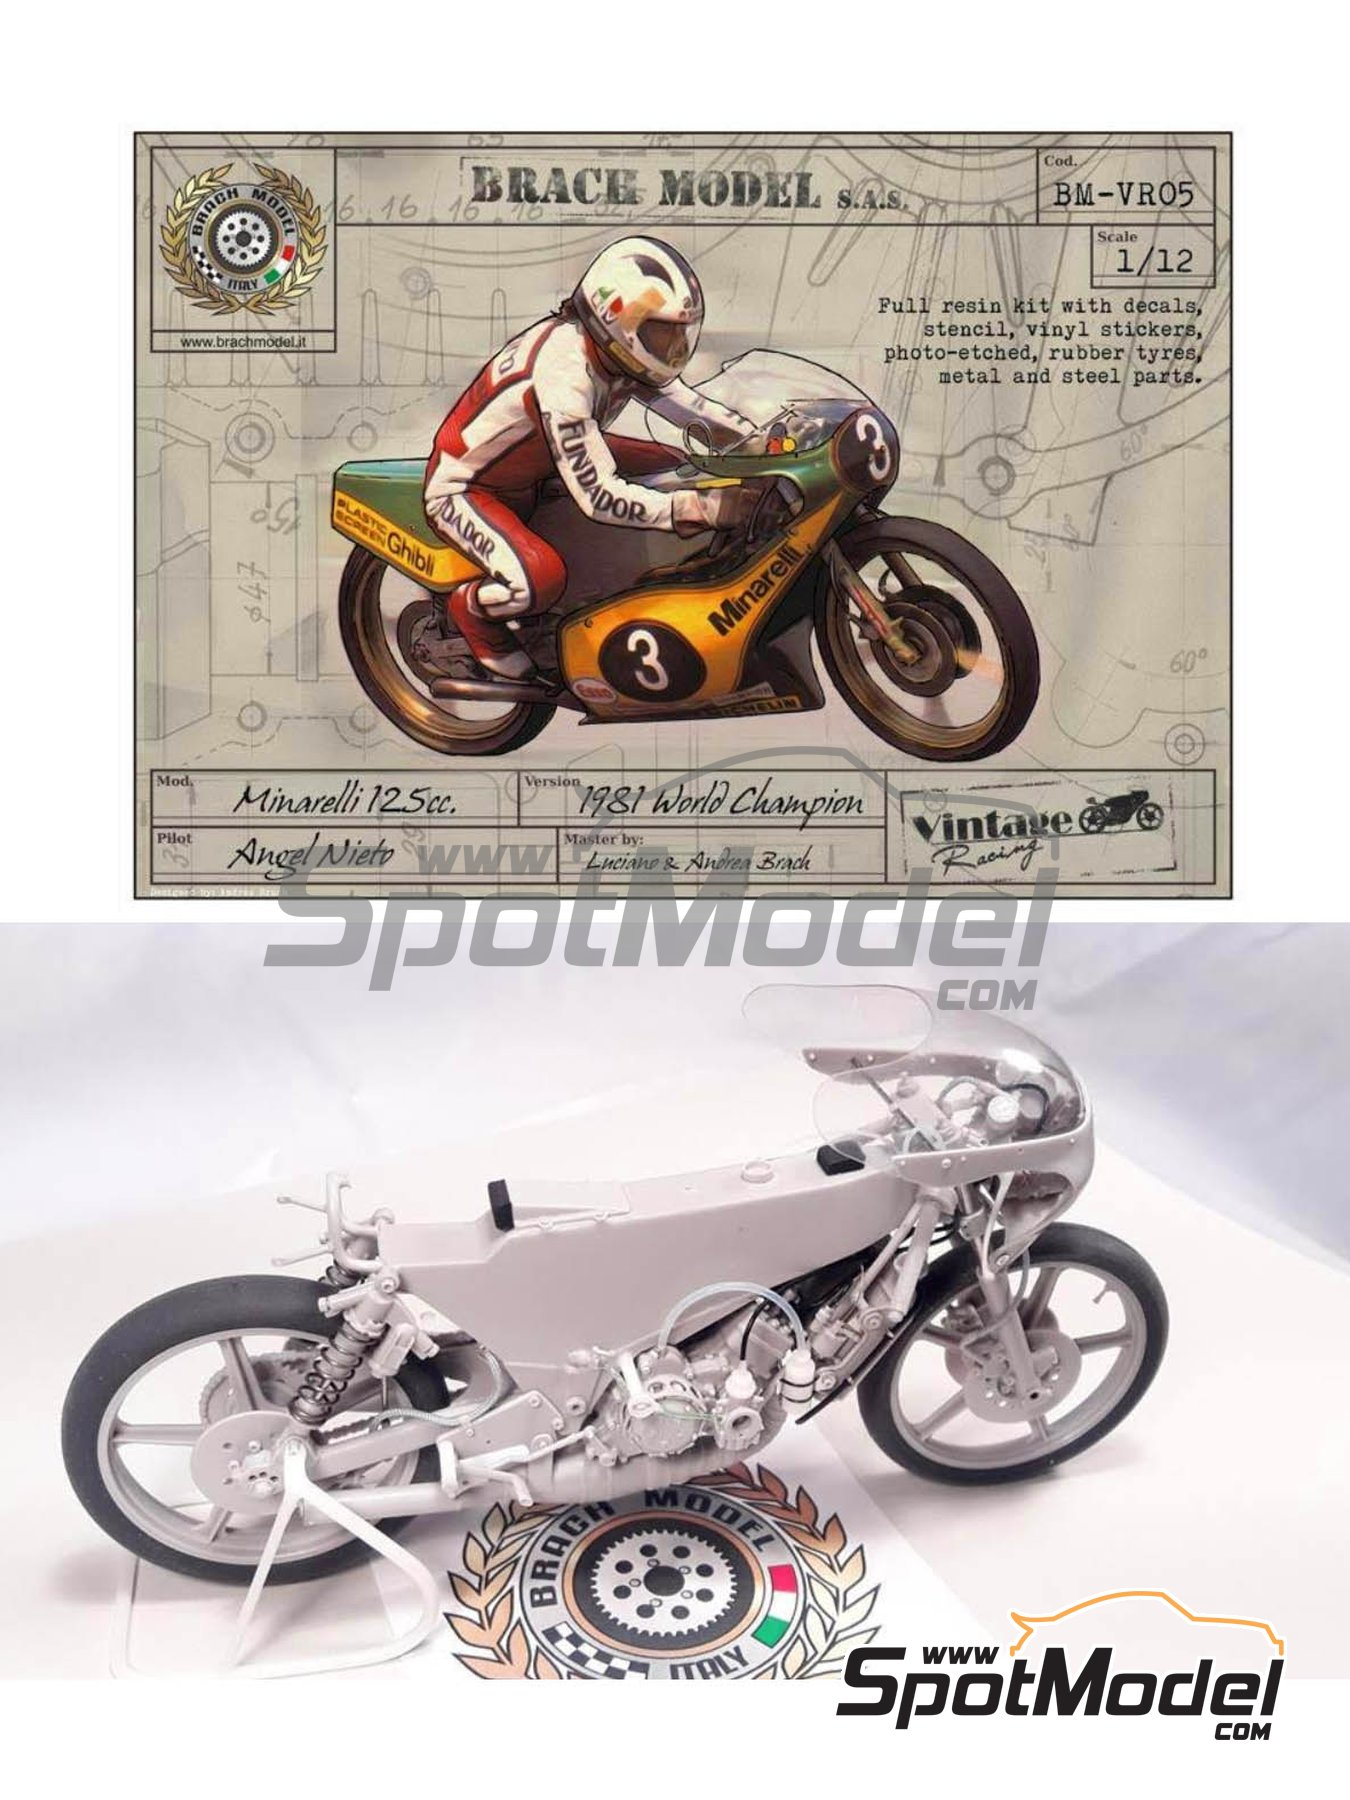 Minarelli 125cc - Campeonato del Mundo de Motociclismo 1981 | Maqueta de moto en escala1/12 fabricado por Brach Model (ref.BM-VR05) image